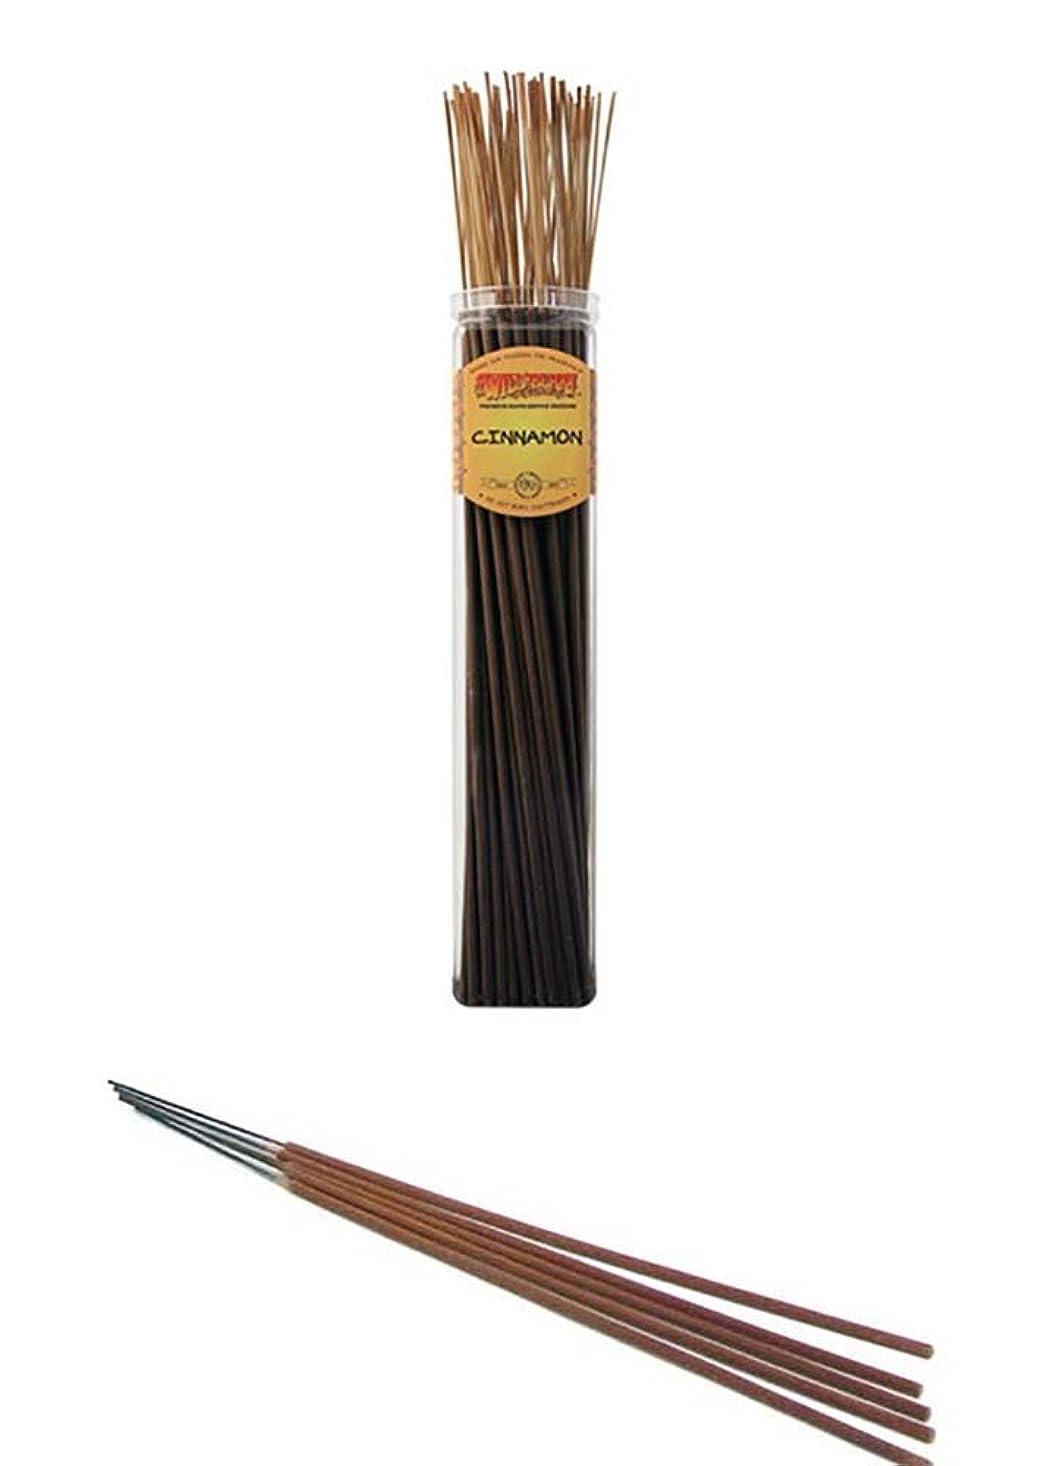 はねかける高齢者冷凍庫シナモン?–?Wild Berry Highly Fragranced Large Incense Sticks